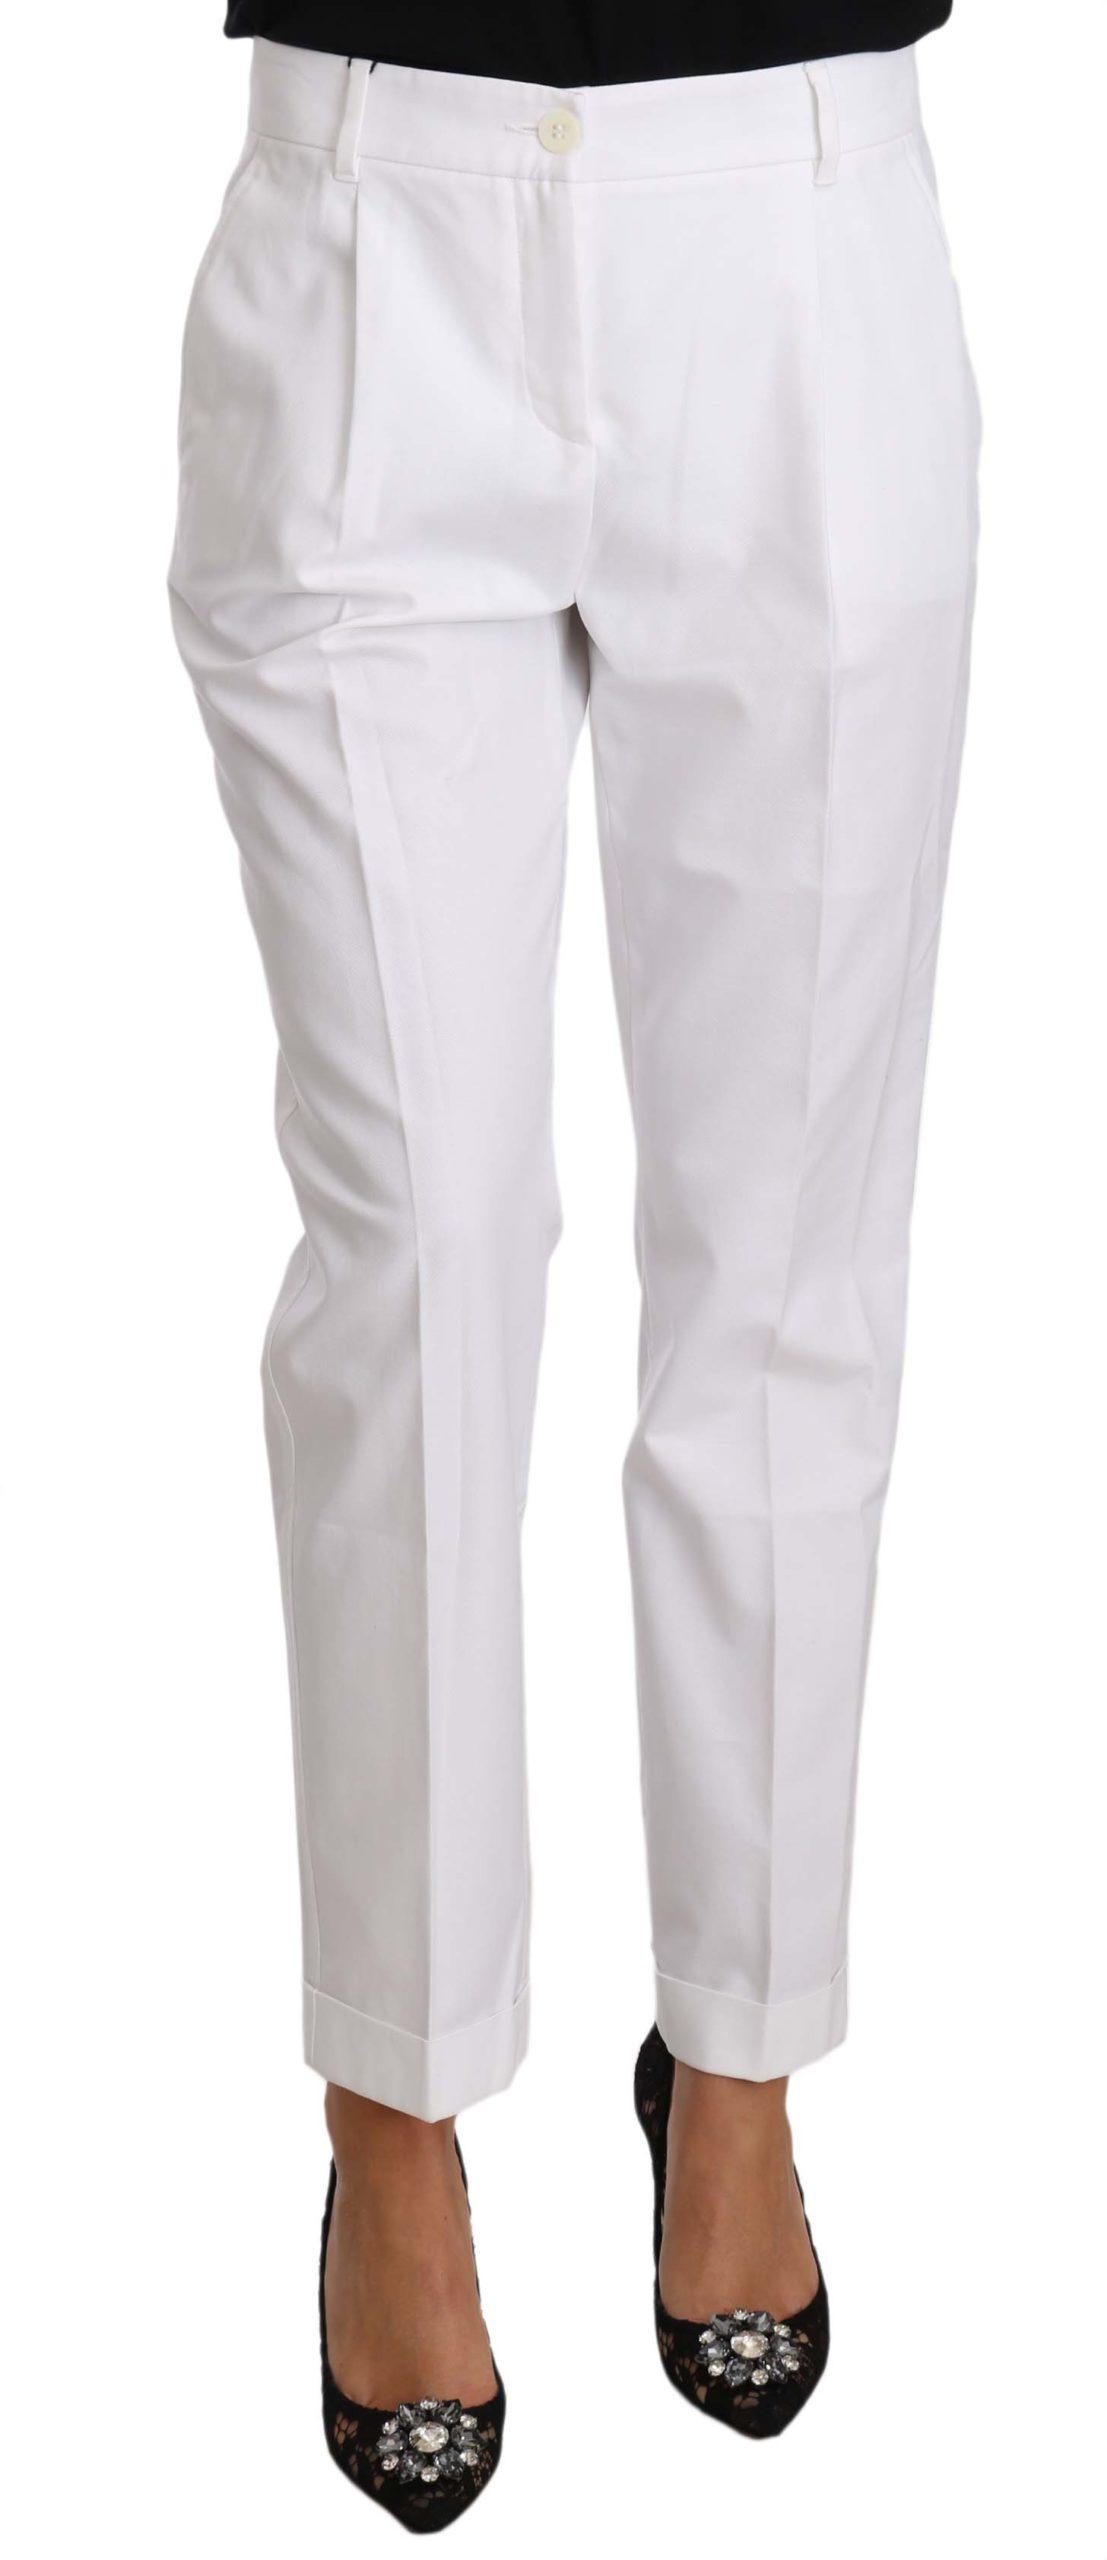 Dolce & Gabbana Women's Cotton Stretch Formal Trouser White PAN70266 - IT40|S